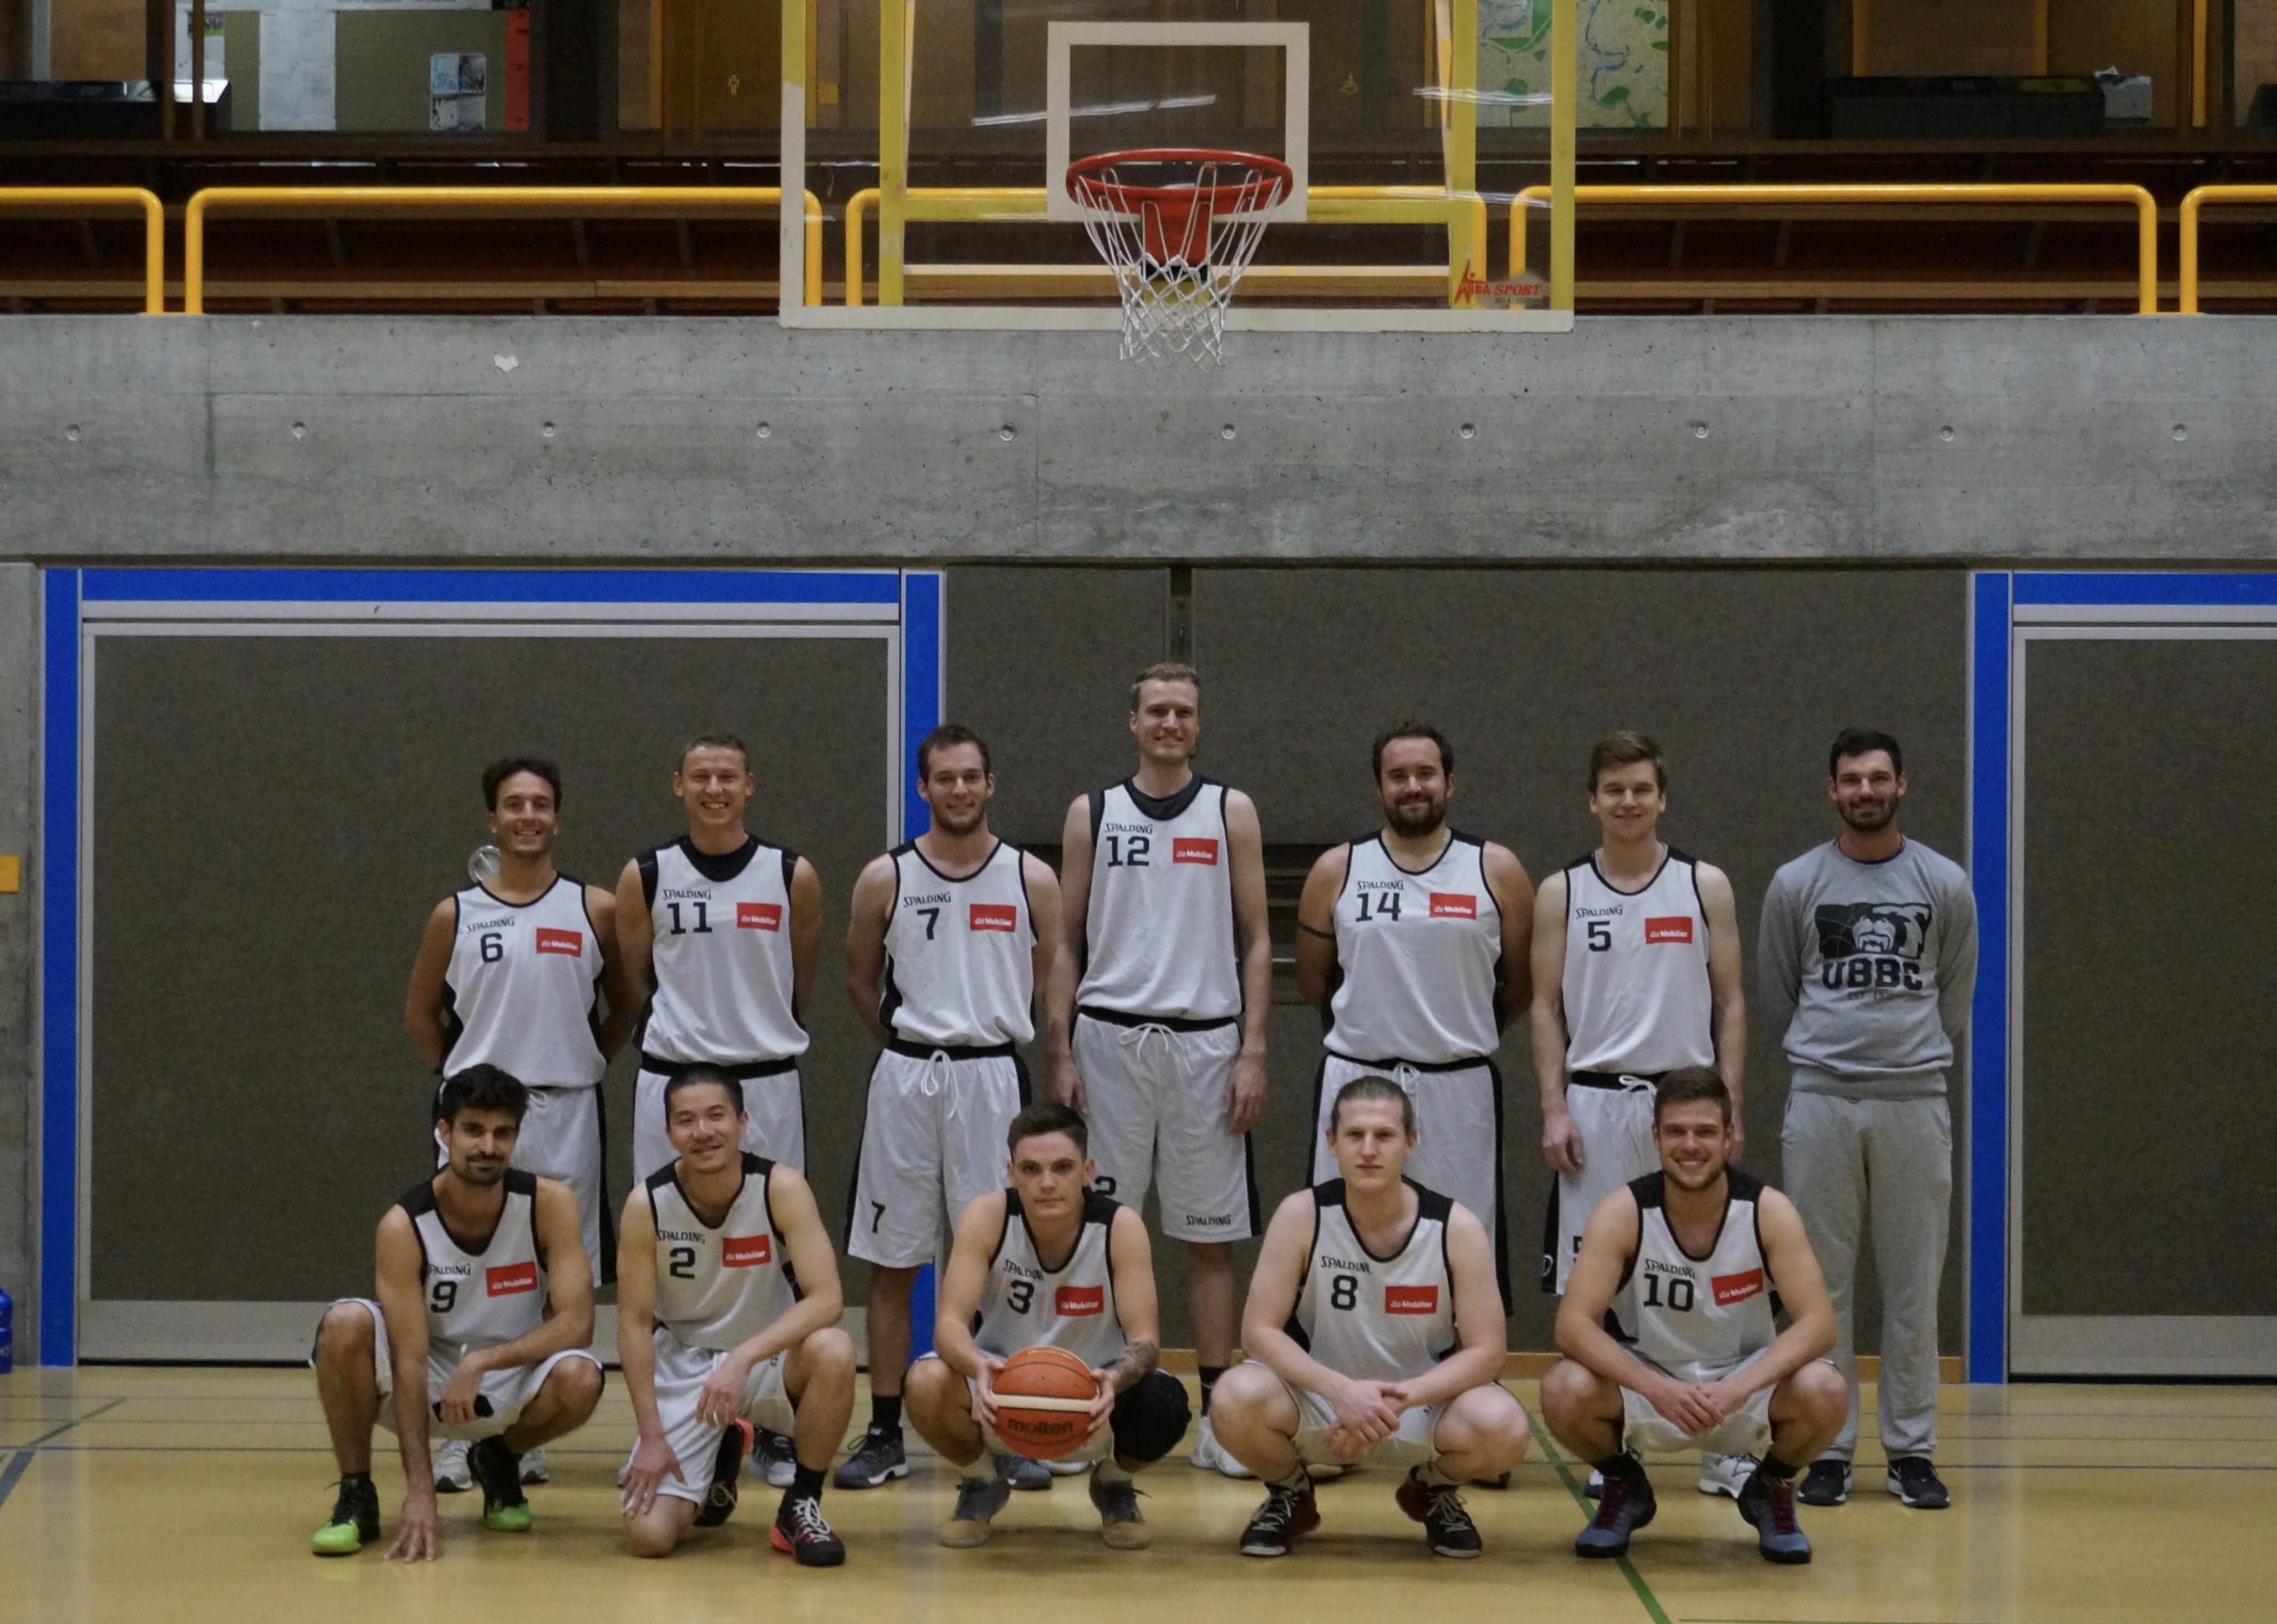 Uni-bern-basketball-Club-ubbc-Herrren-Manschaft-ubbc